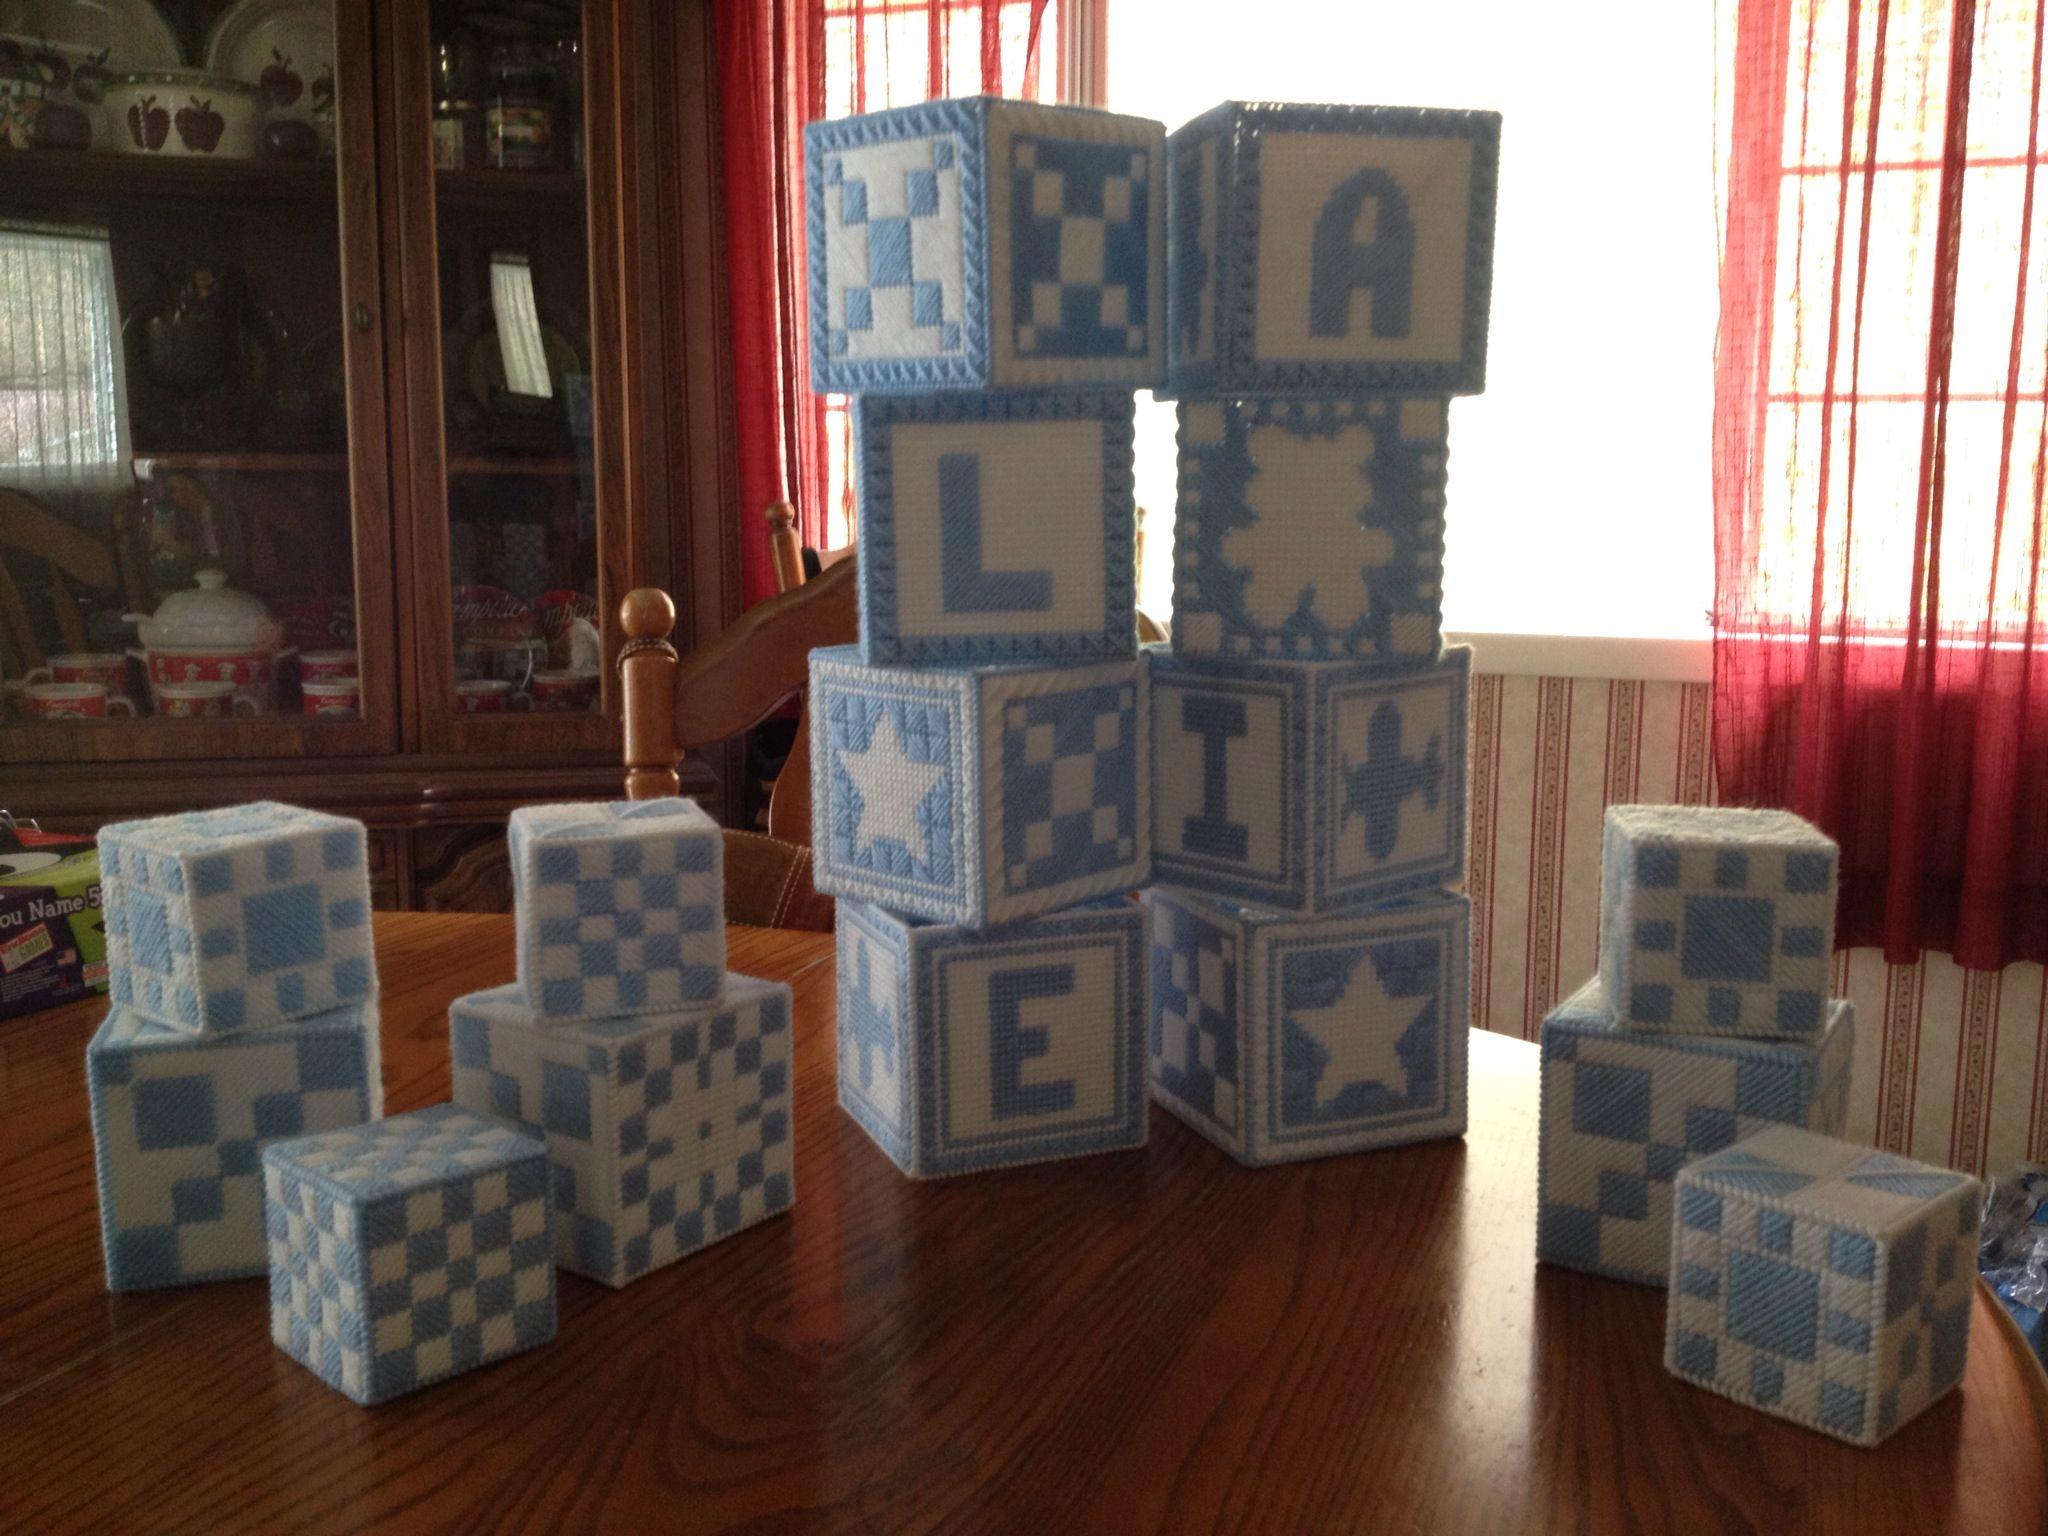 Plastic canvas boxes large ones for centerpieces plus flowers